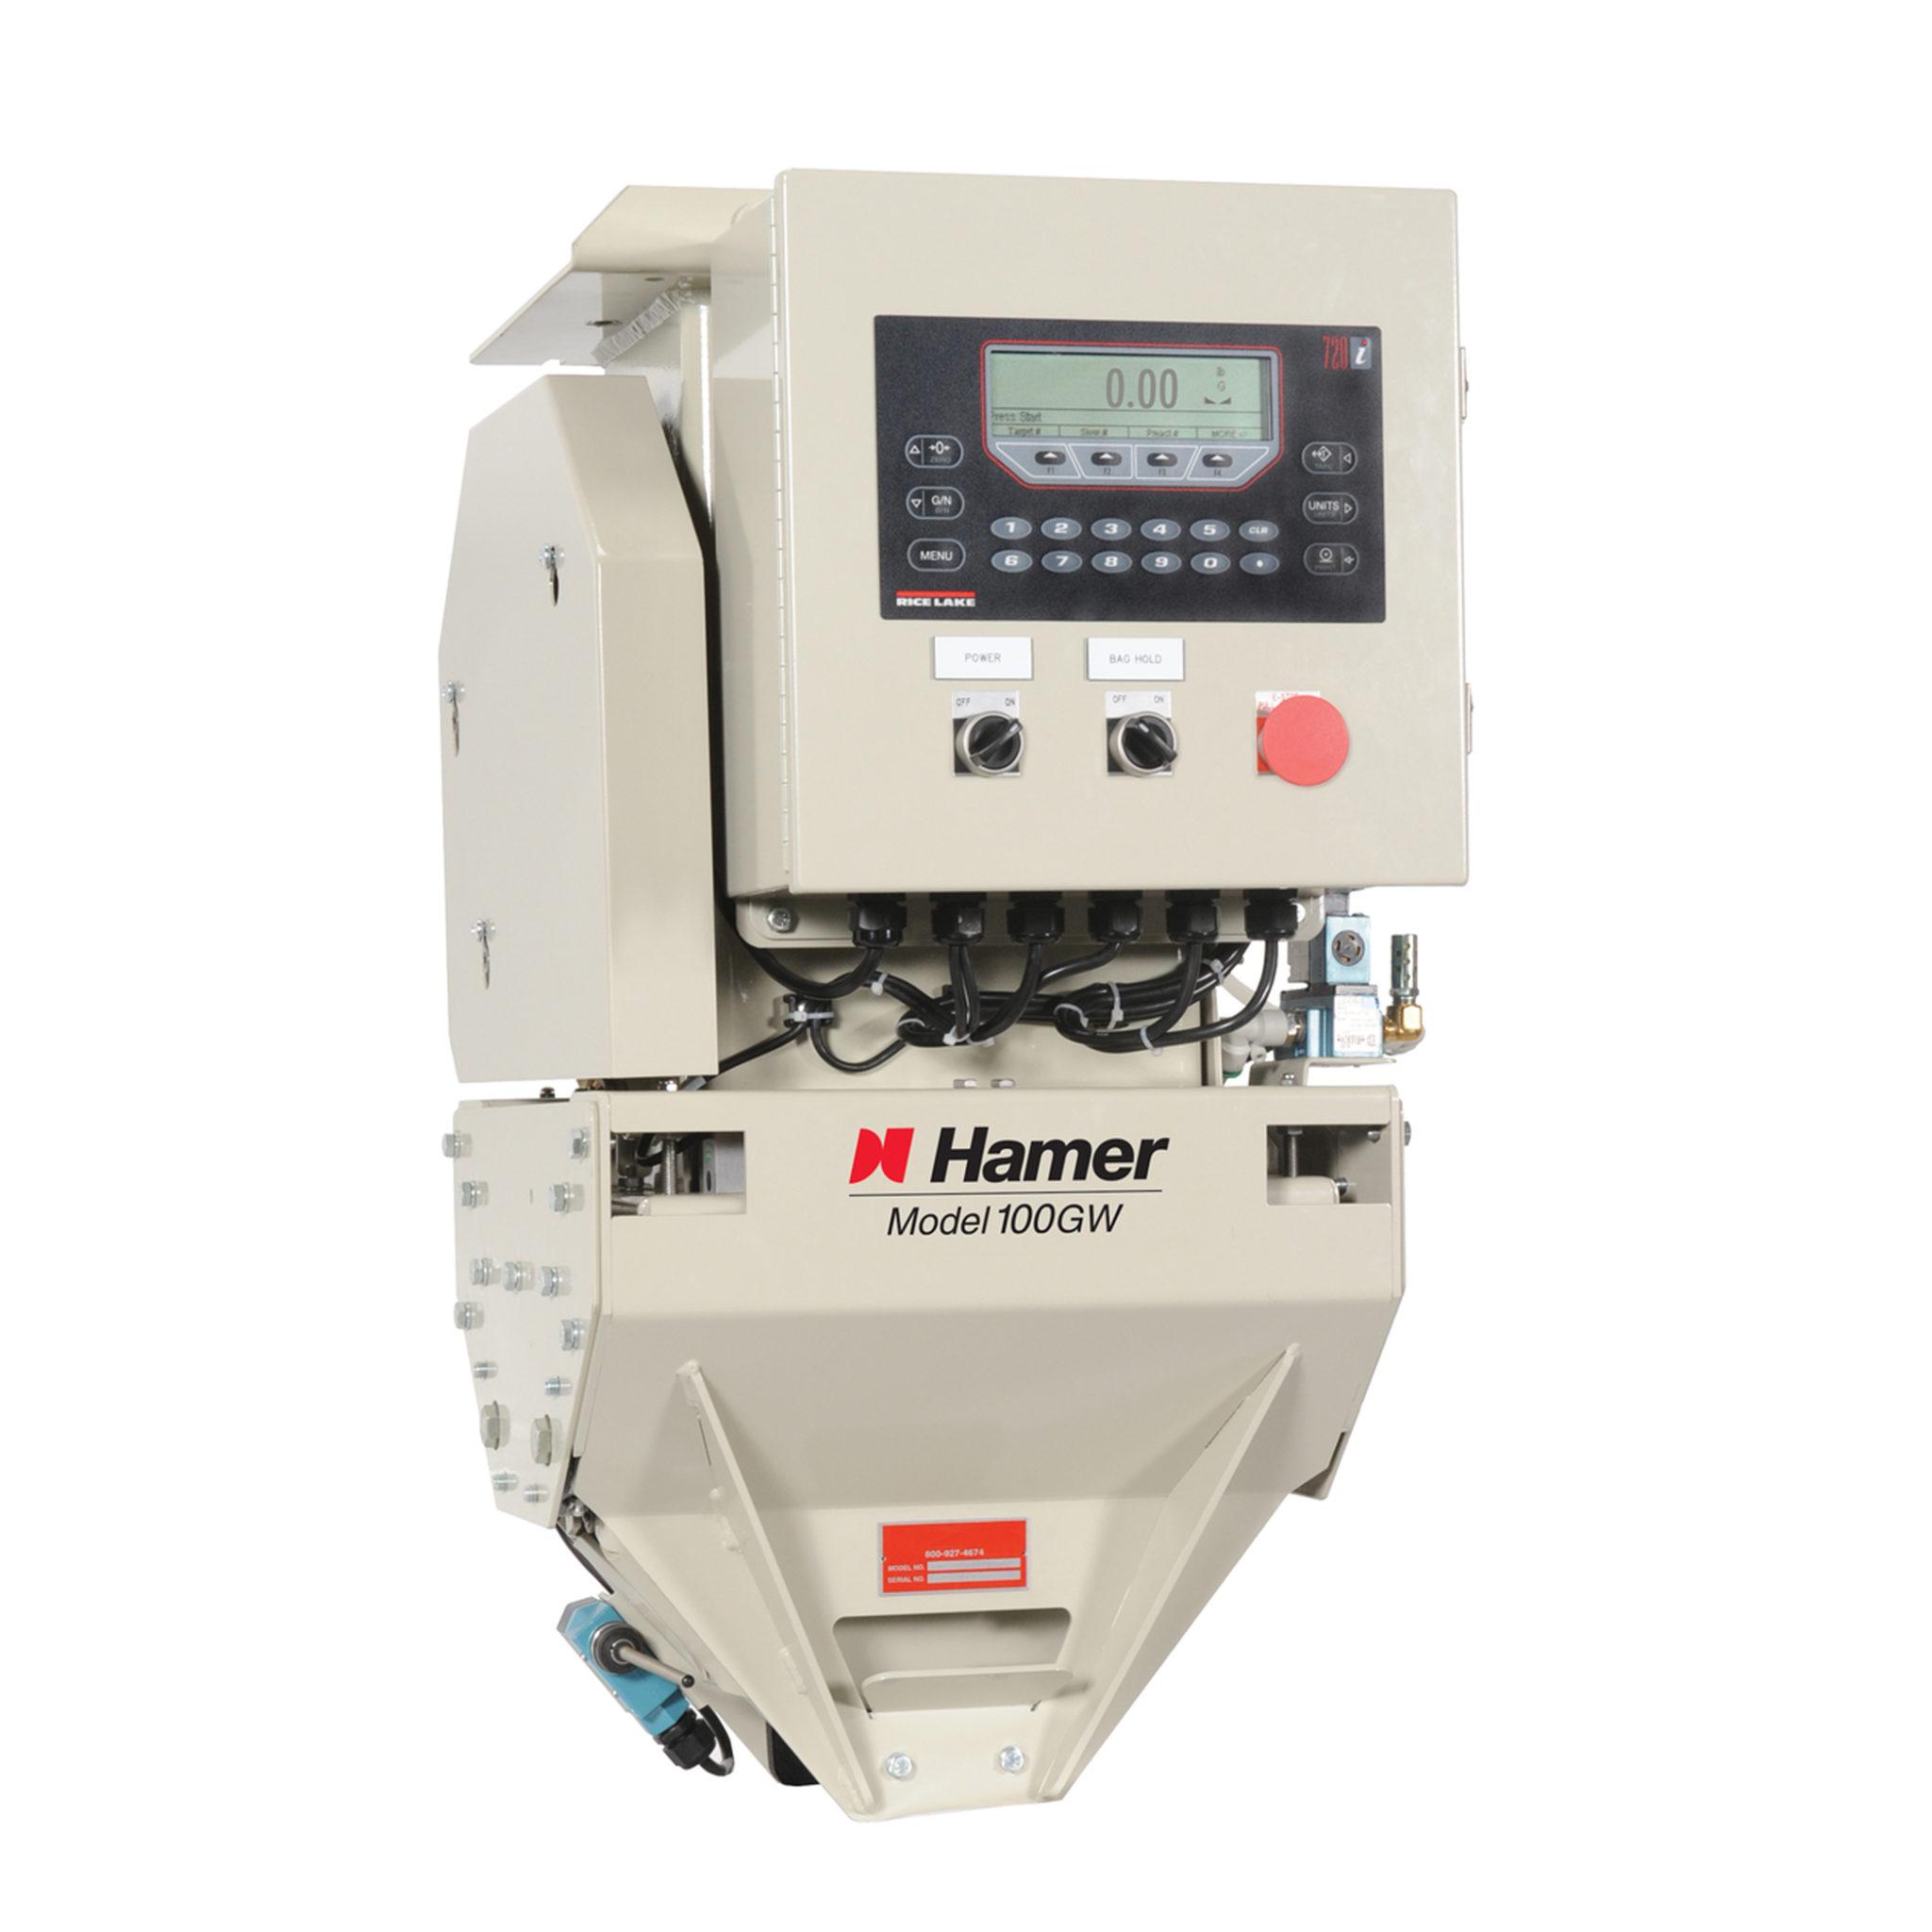 Bag Filling Equipment Amp Systems Bag Filler Machines